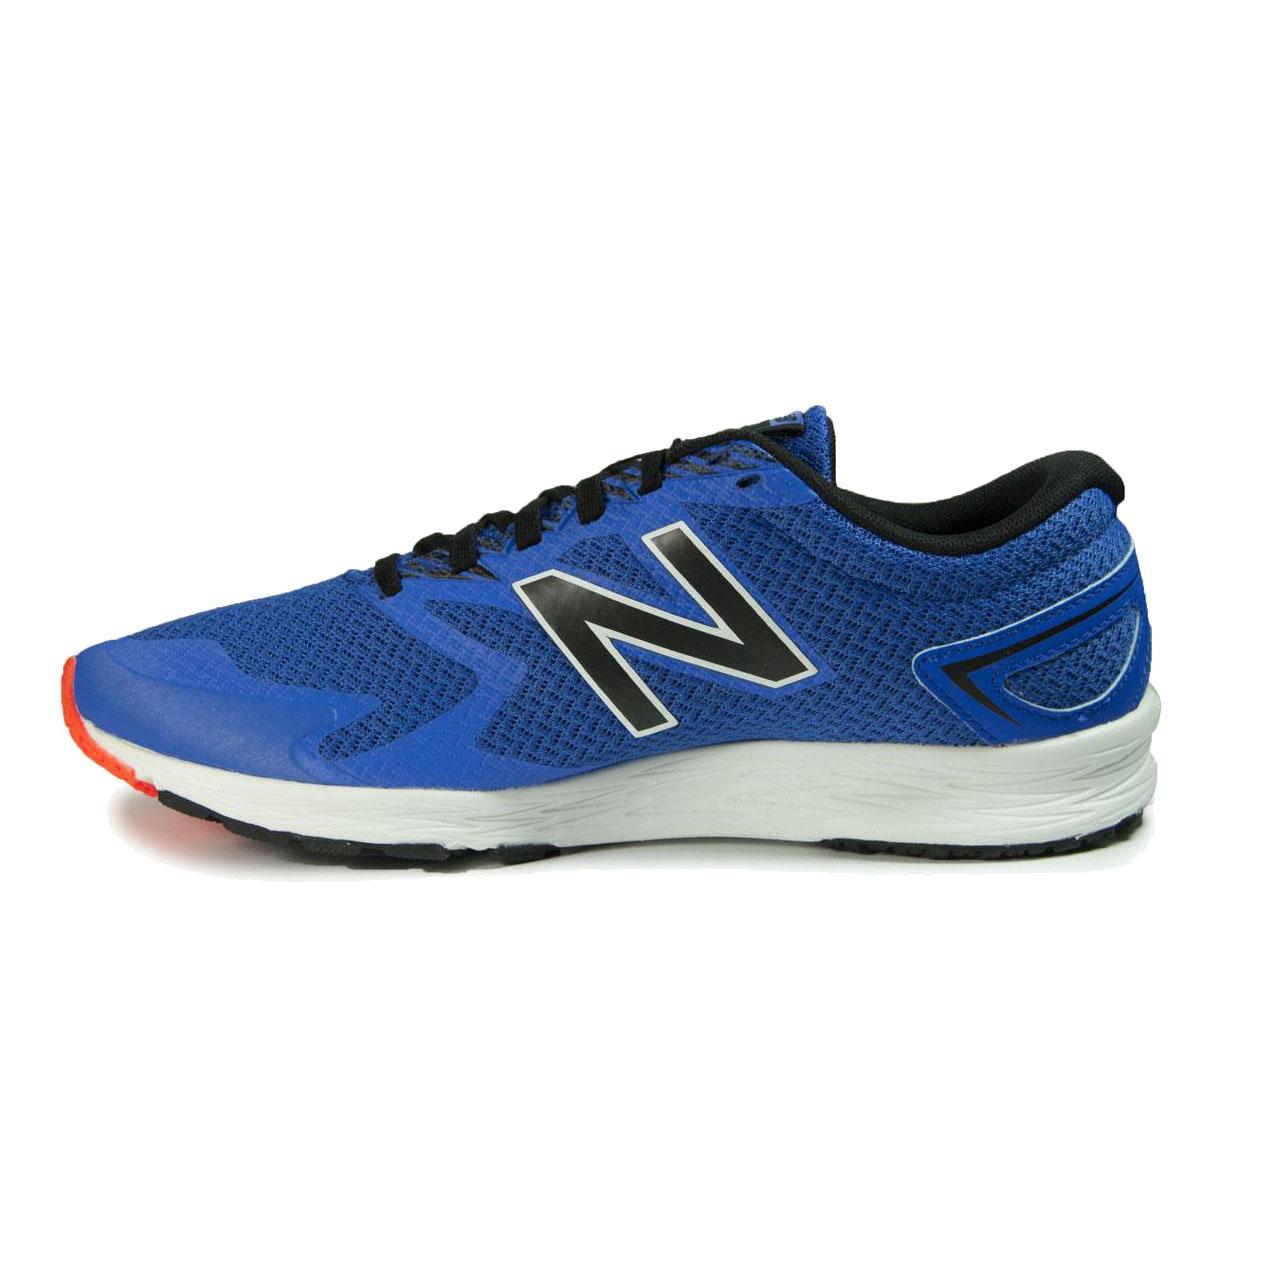 قیمت کفش مخصوص پیاده روی مردانه نیوبالانس مدل MFLSHLB2